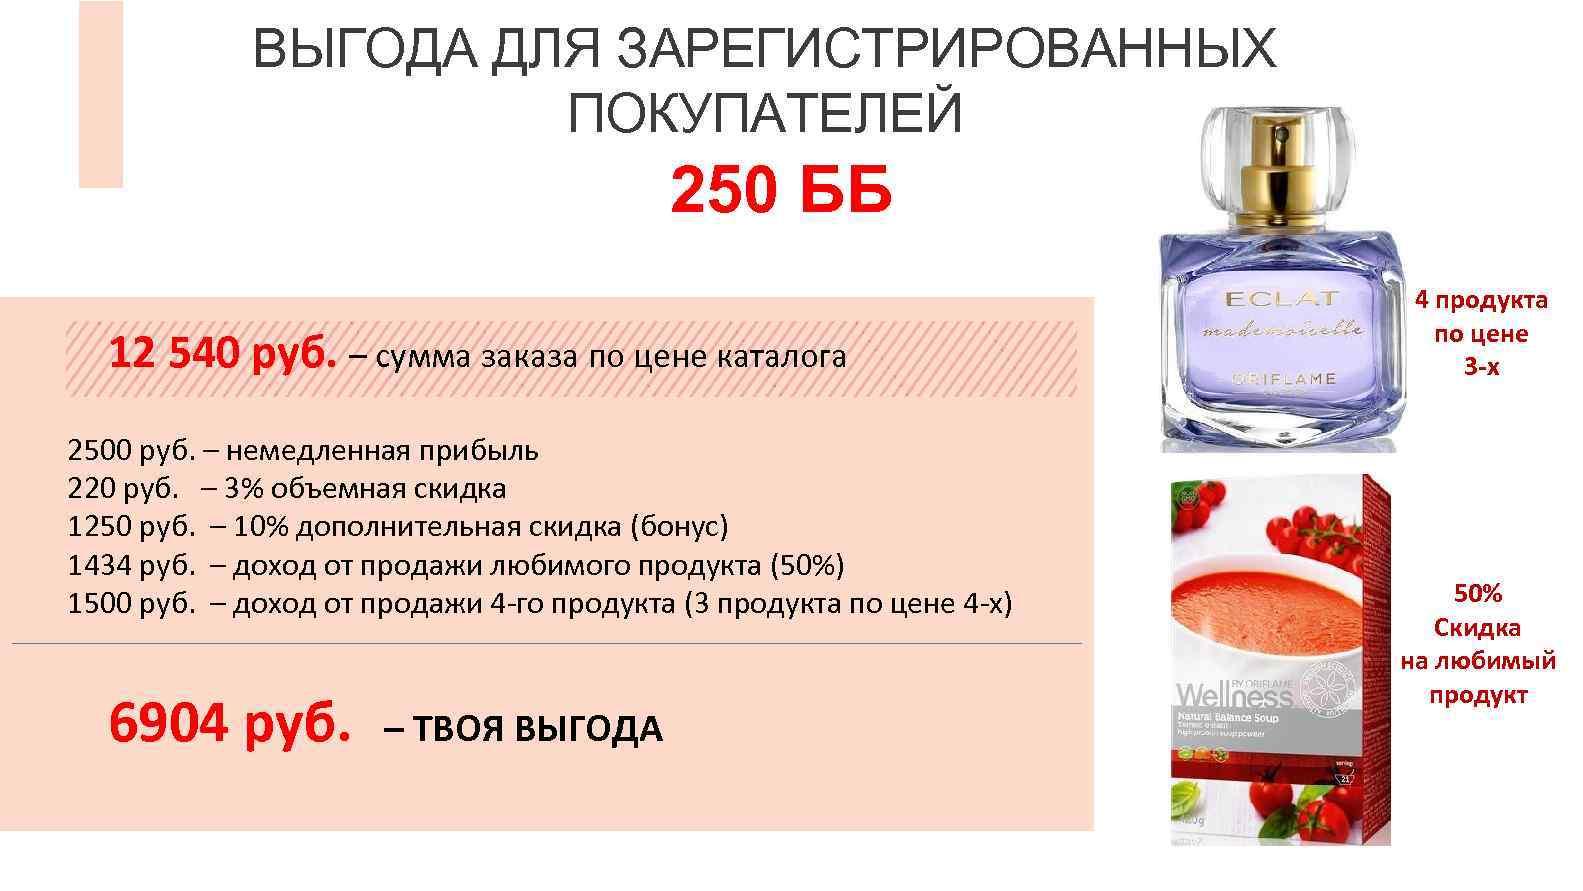 ВЫГОДА ДЛЯ ЗАРЕГИСТРИРОВАННЫХ ПОКУПАТЕЛЕЙ 250 ББ 12 540 руб. – сумма заказа по цене